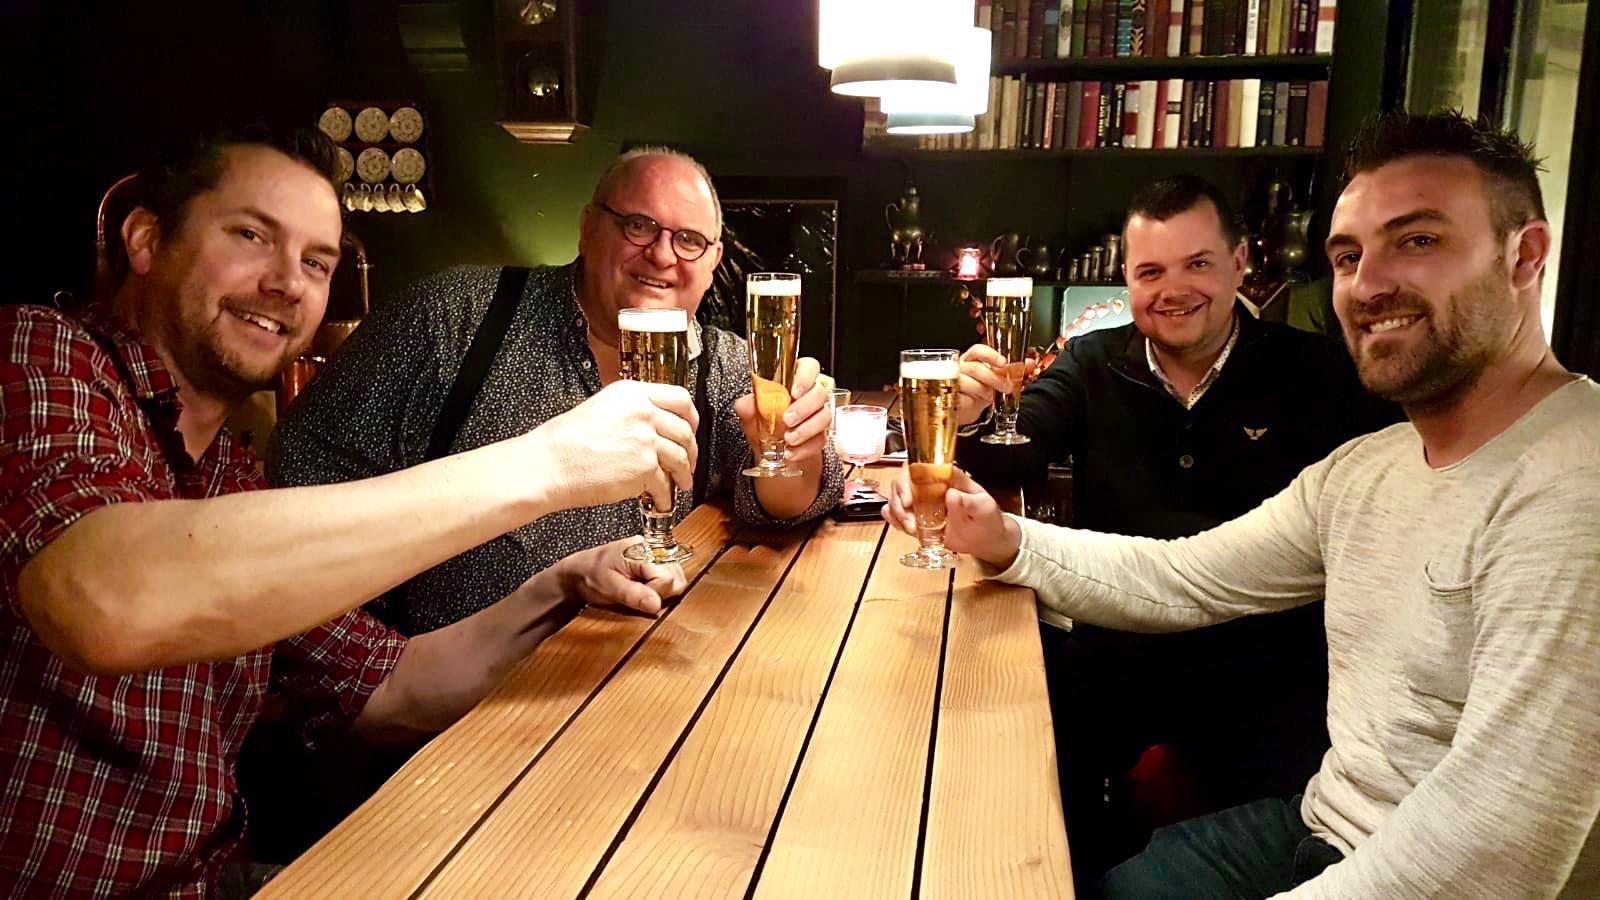 Vlnr. Aart Hol, Adrie van der Meijden, Erik Sterk en Ramon Schonewille. Deze foto is gemaakt voor de corona-crisis.